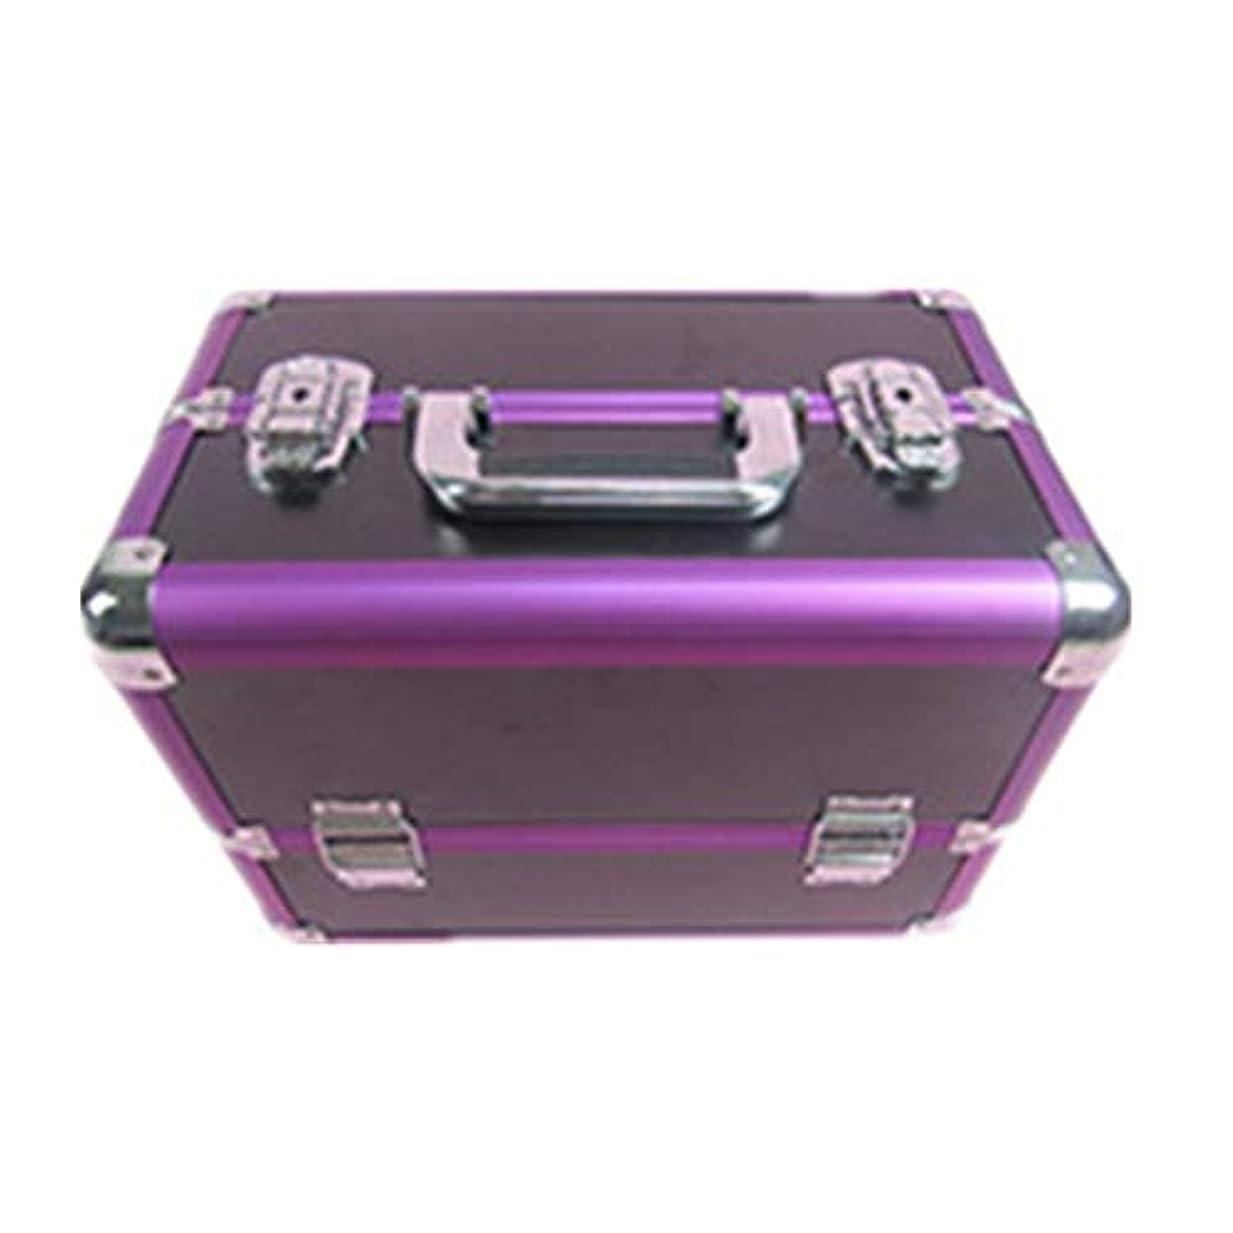 マーティンルーサーキングジュニア暴力的な原因化粧オーガナイザーバッグ 大容量ポータブル化粧ケース(トラベルアクセサリー用)シャンプーボディウォッシュパーソナルアイテム収納トレイ(エクステンショントレイ付) 化粧品ケース